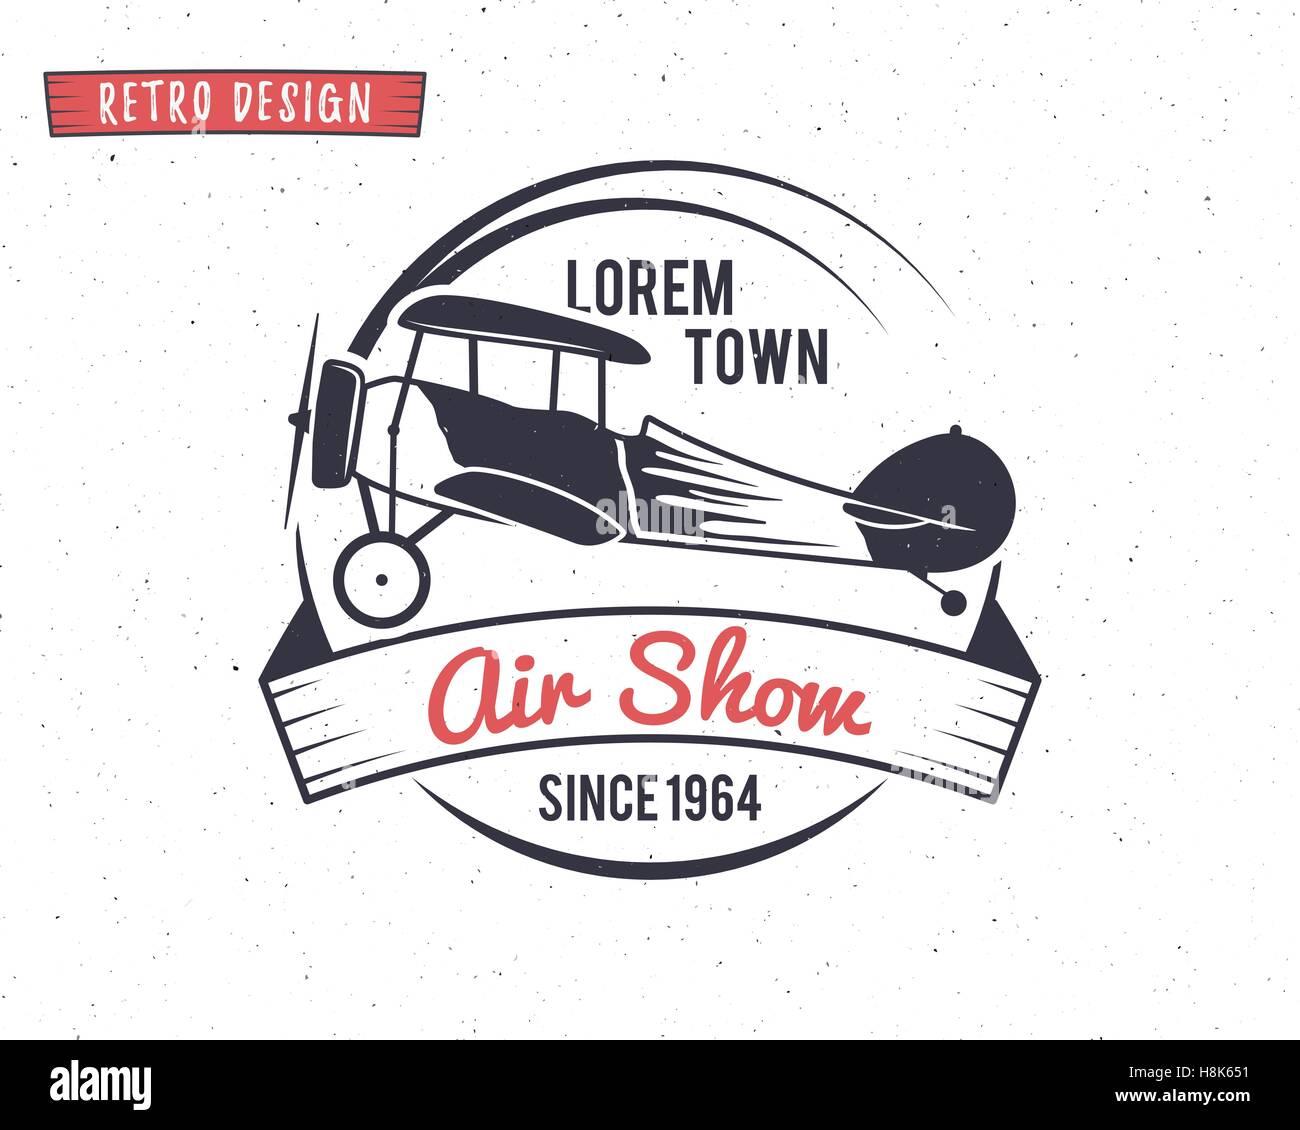 airshow stamp biplane label retro airplane badges design